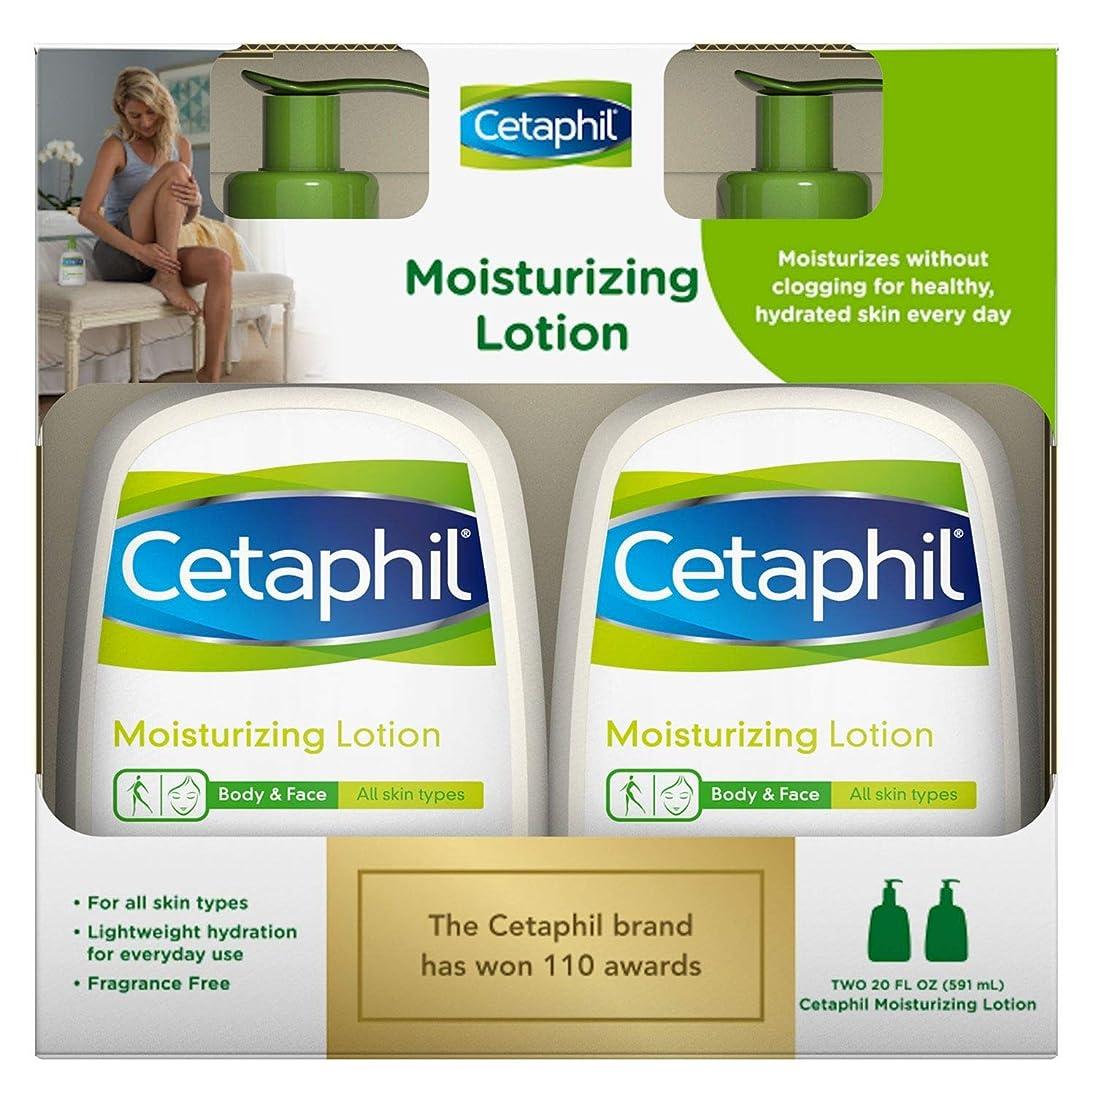 政治民間歴史セタフィル モイスチャライジングローション 591ml 2本セット Cetaphil Moisturizing Lotion 20oz twin pack